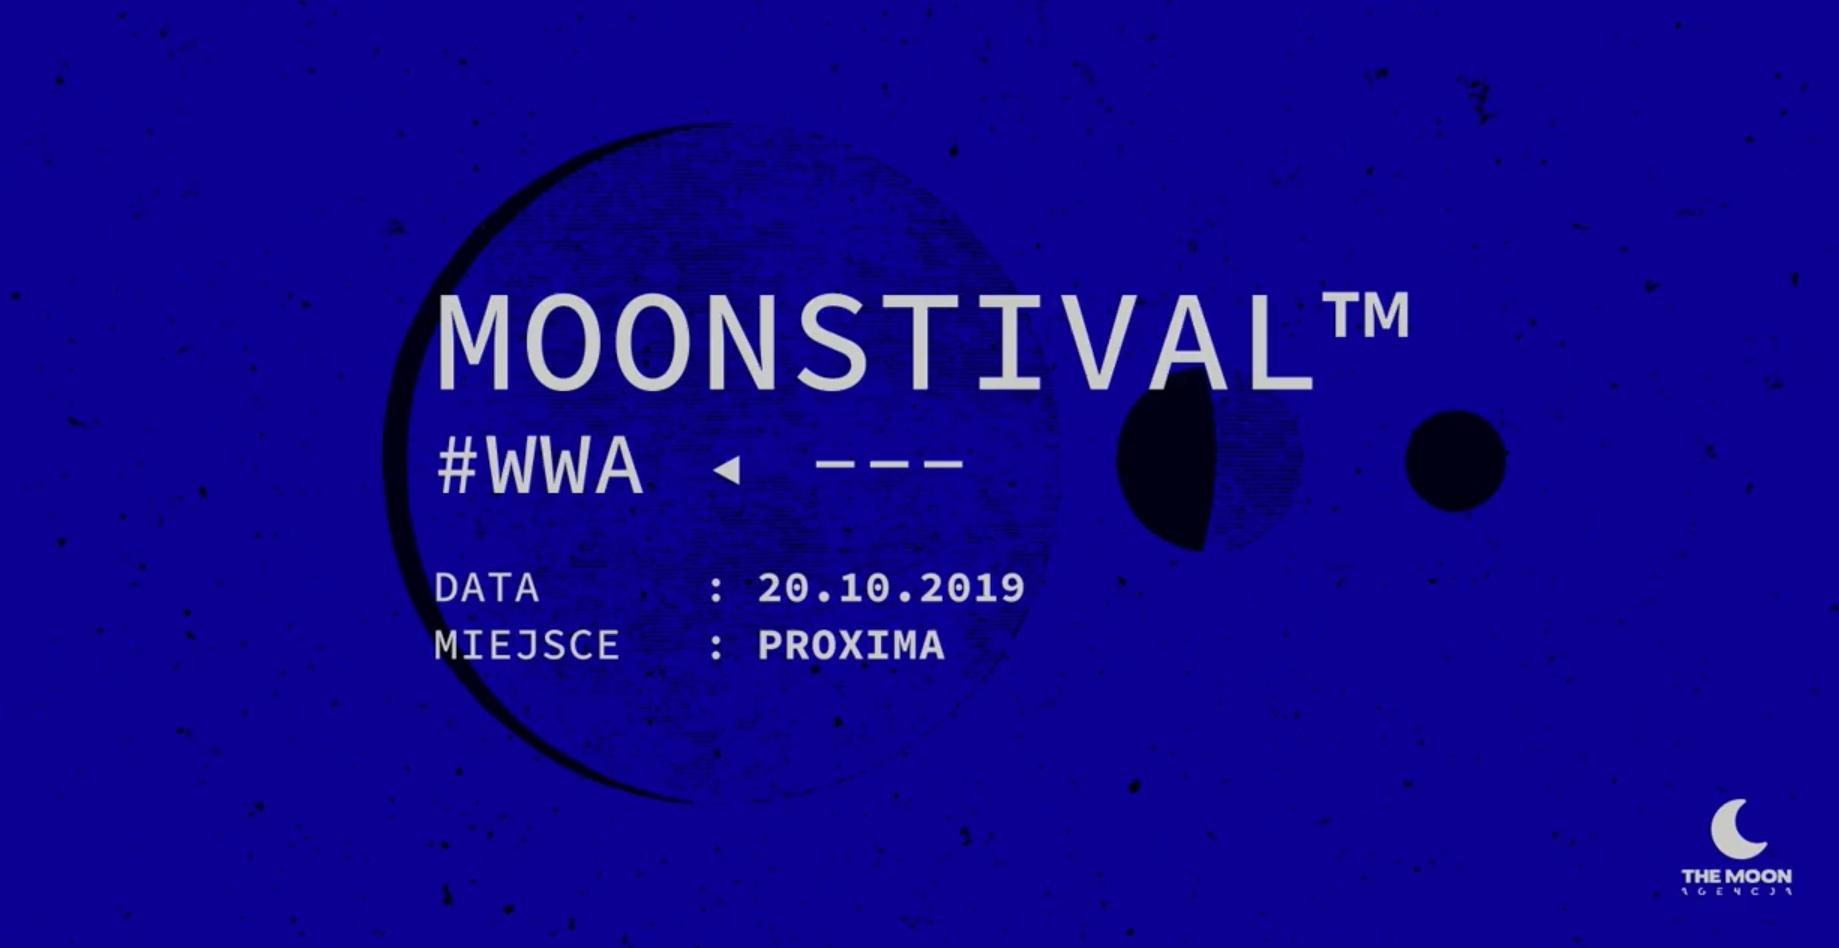 MOONSTIVAL™ || Agencja The Moon robi festiwal!